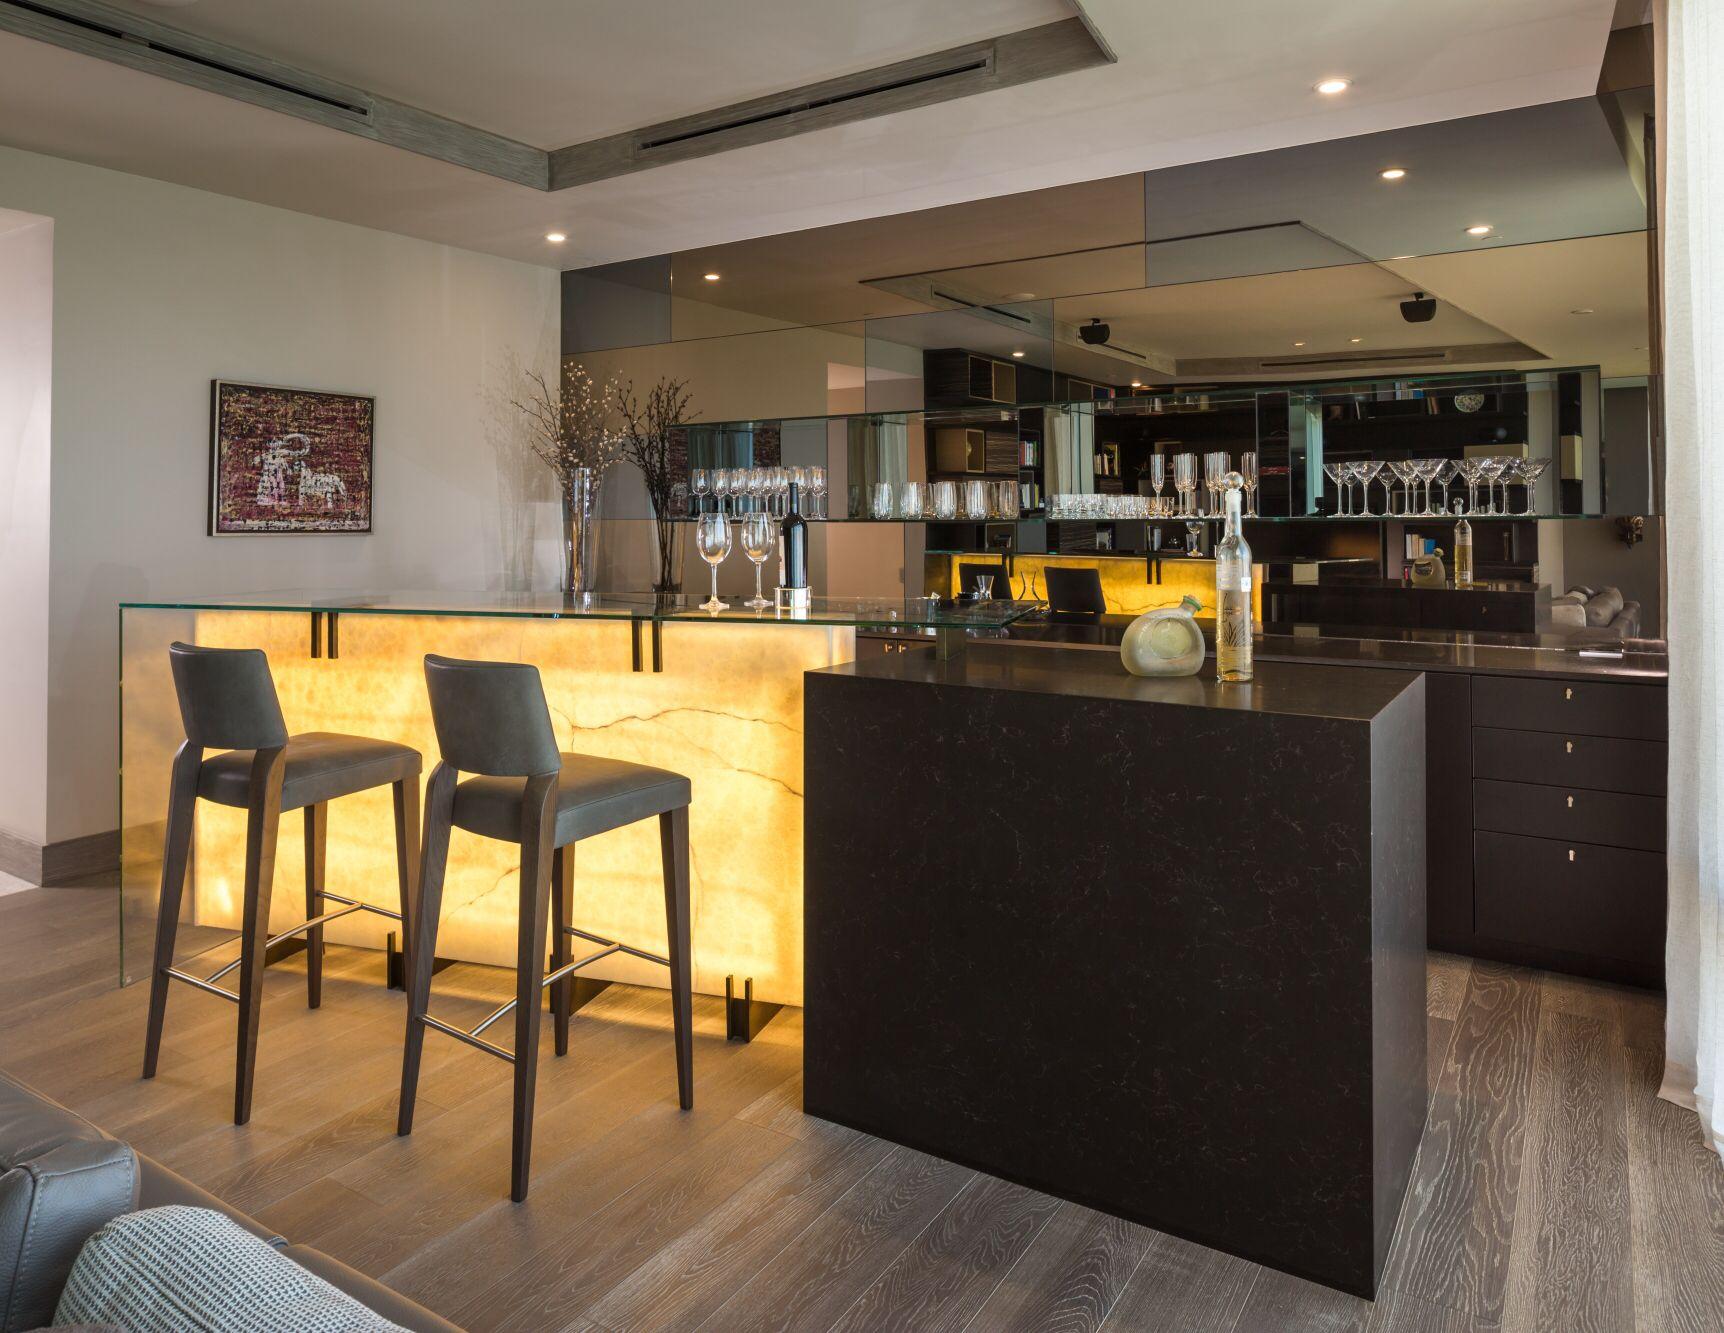 Dise o de bar en rea social se dise una barra especial - Barra de bar en casa ...